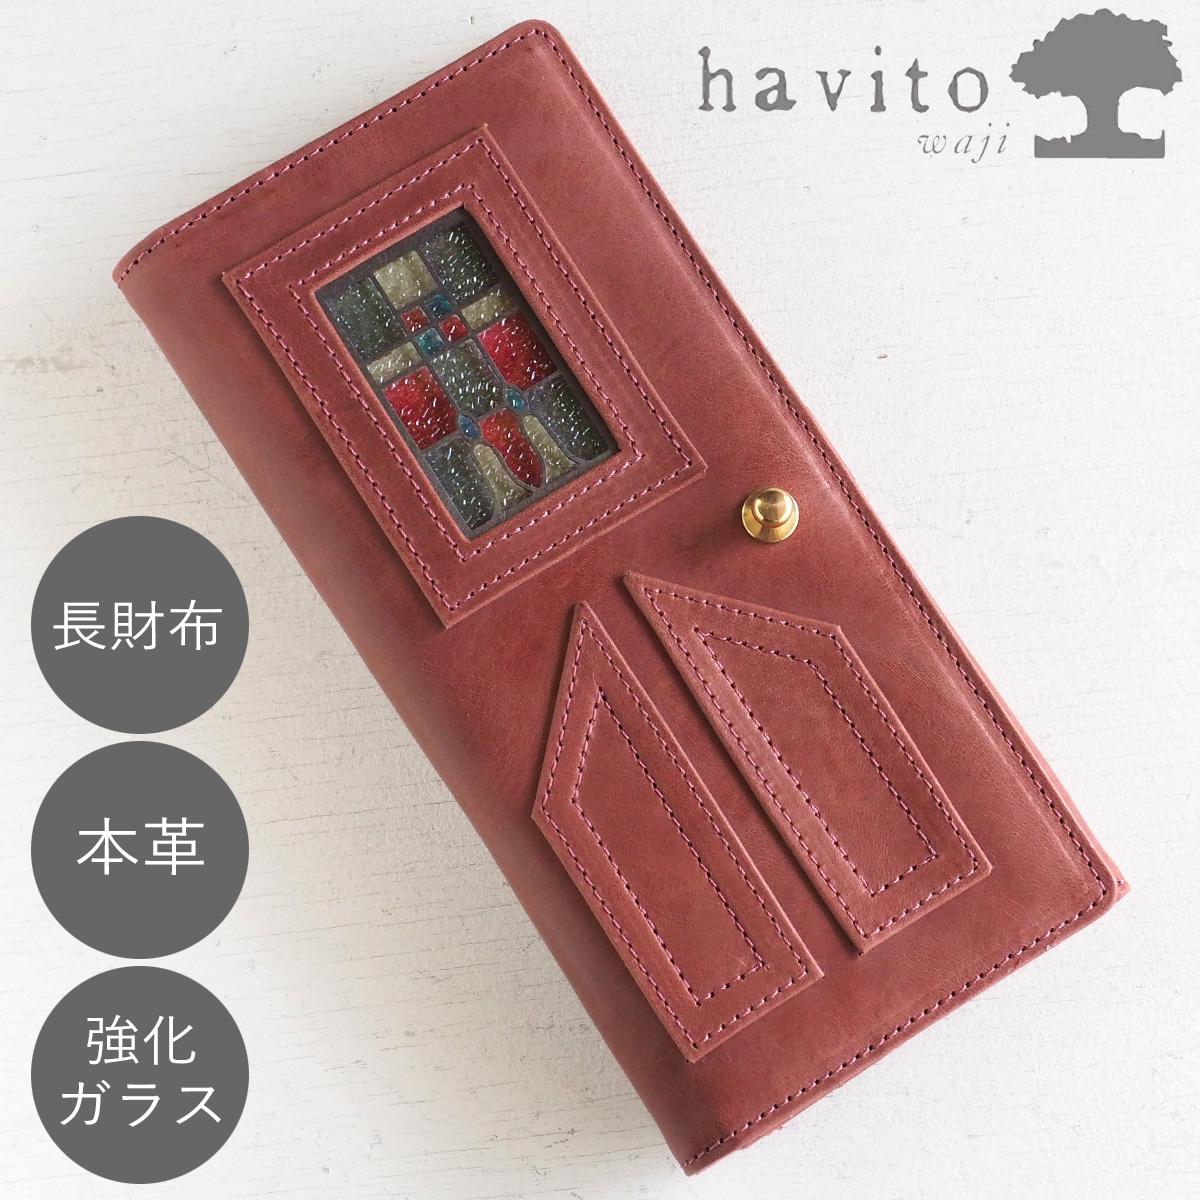 havito(ハビト) glart 長財布 デザイン硝子×オイルレザー アンティークドア レッド [H0202-RE]